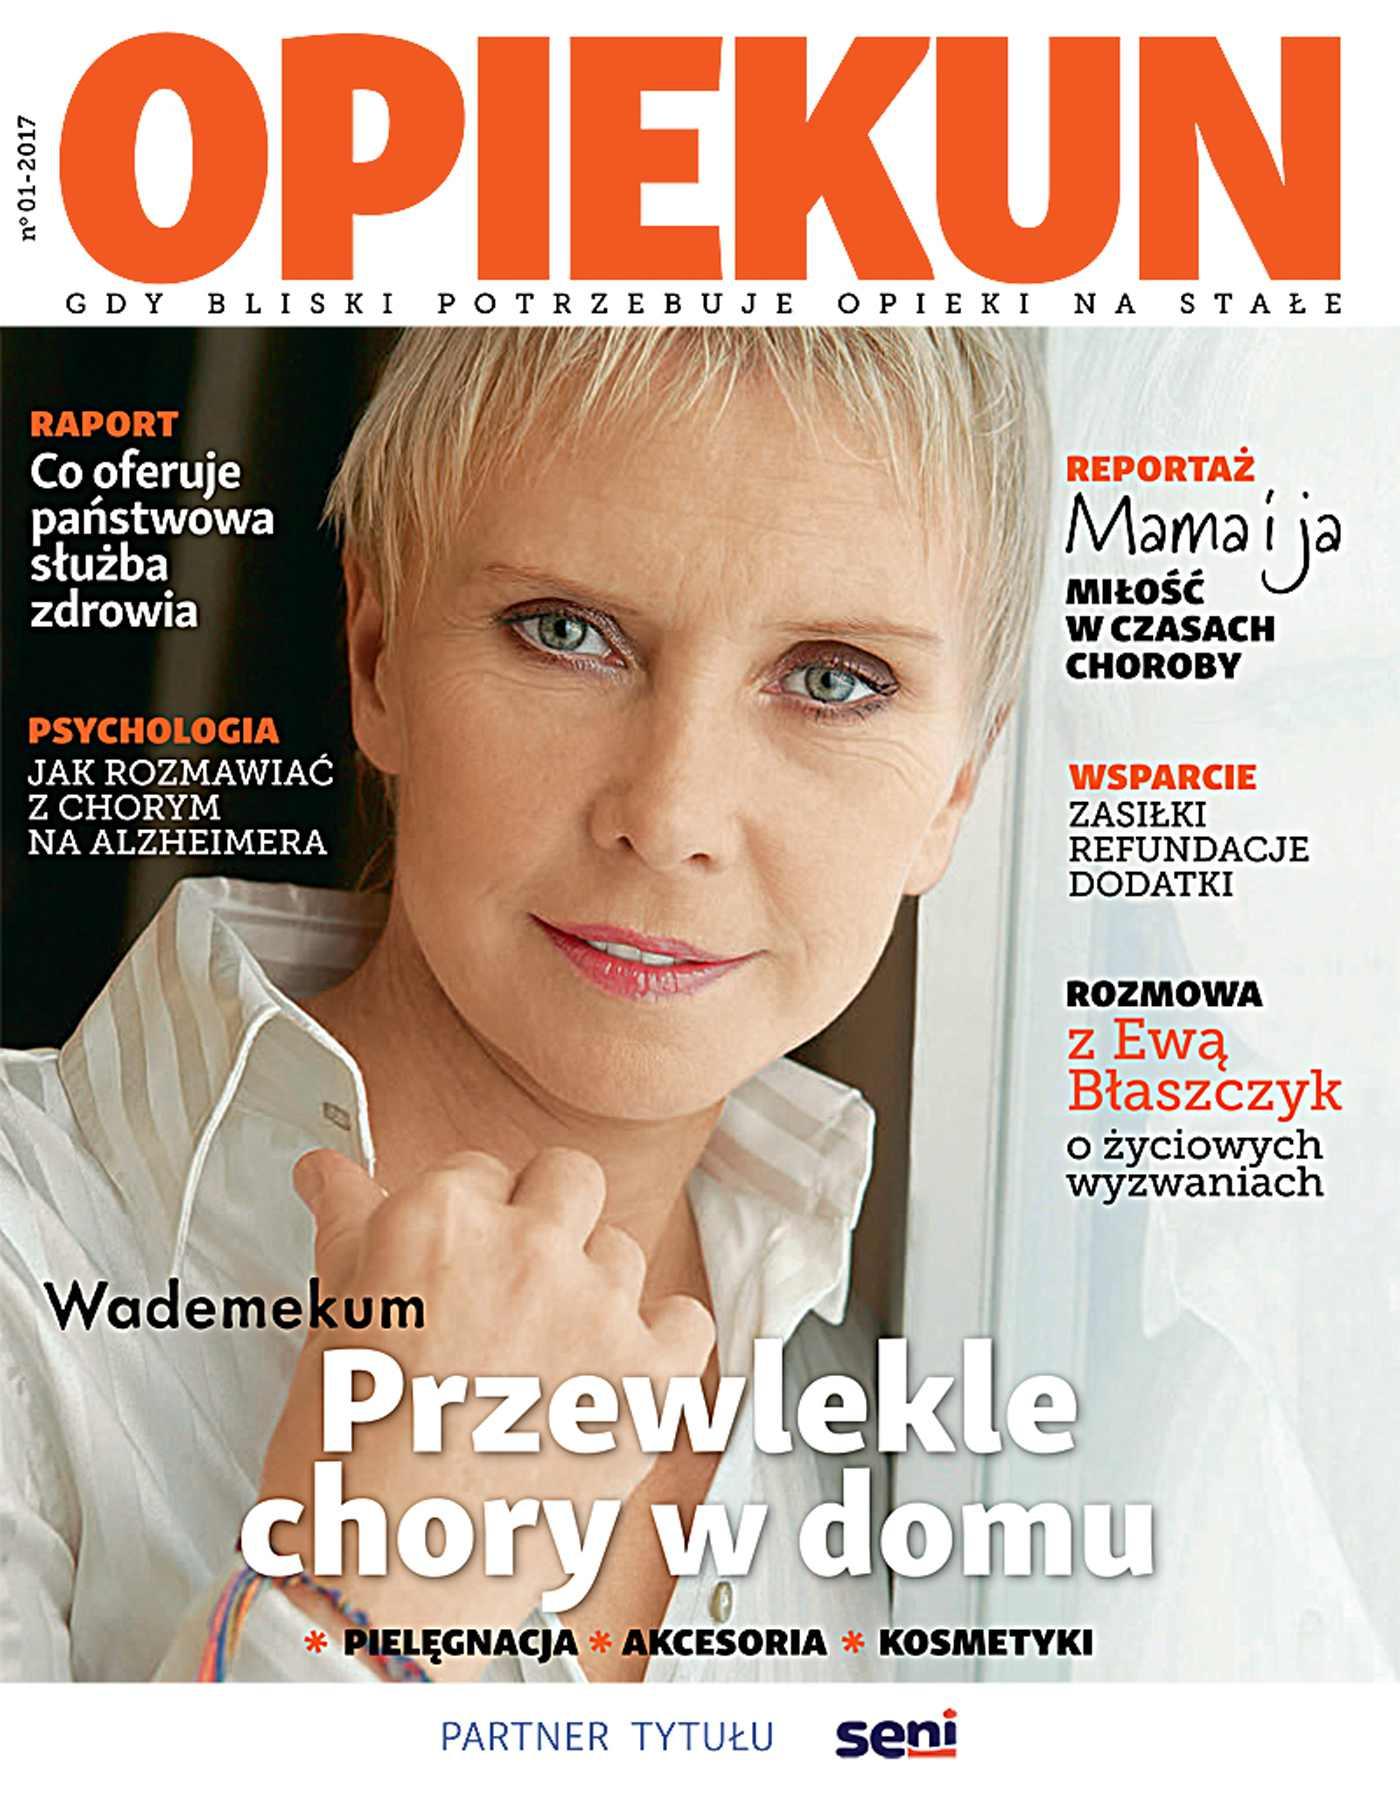 Opiekun. Gdy Bliski Potrzebuje Opieki na Stałe 1/2017 - Ebook (Książka PDF) do pobrania w formacie PDF